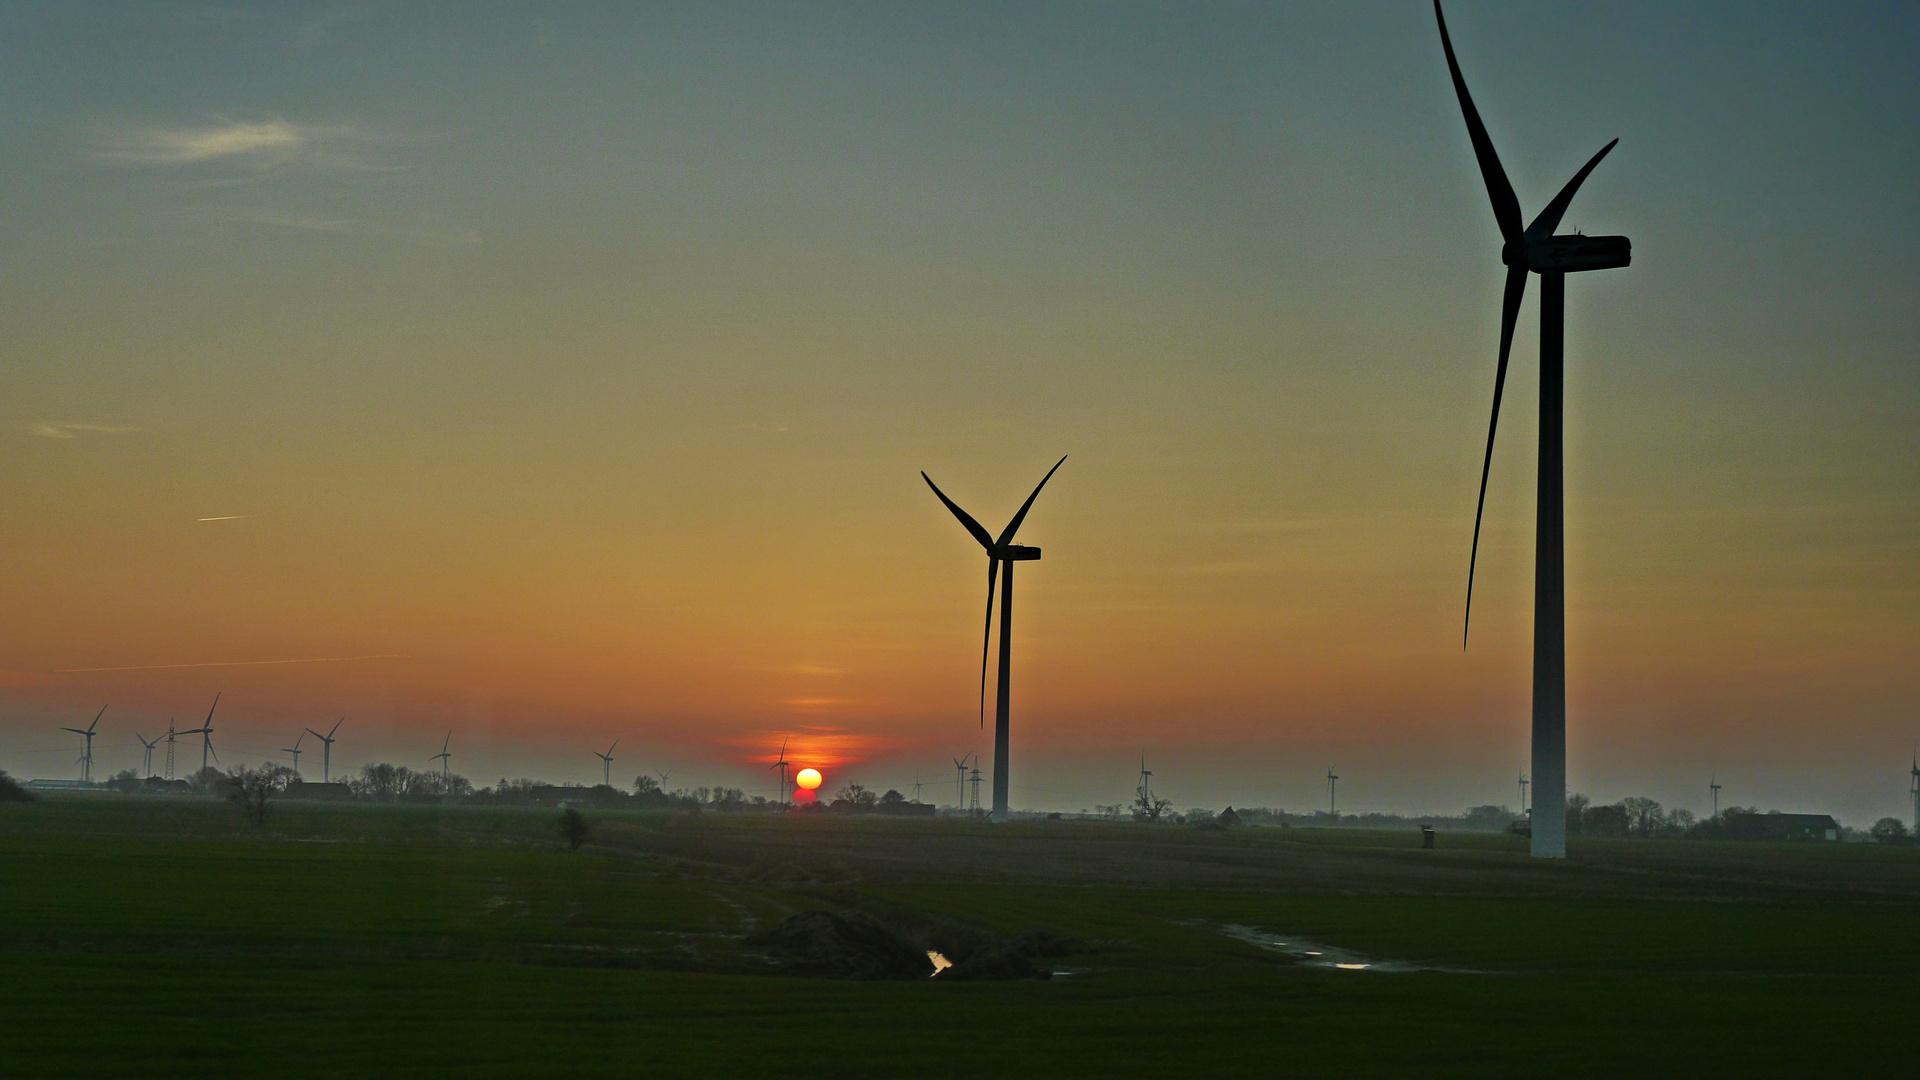 Windkraft gegen Sonnenenergie